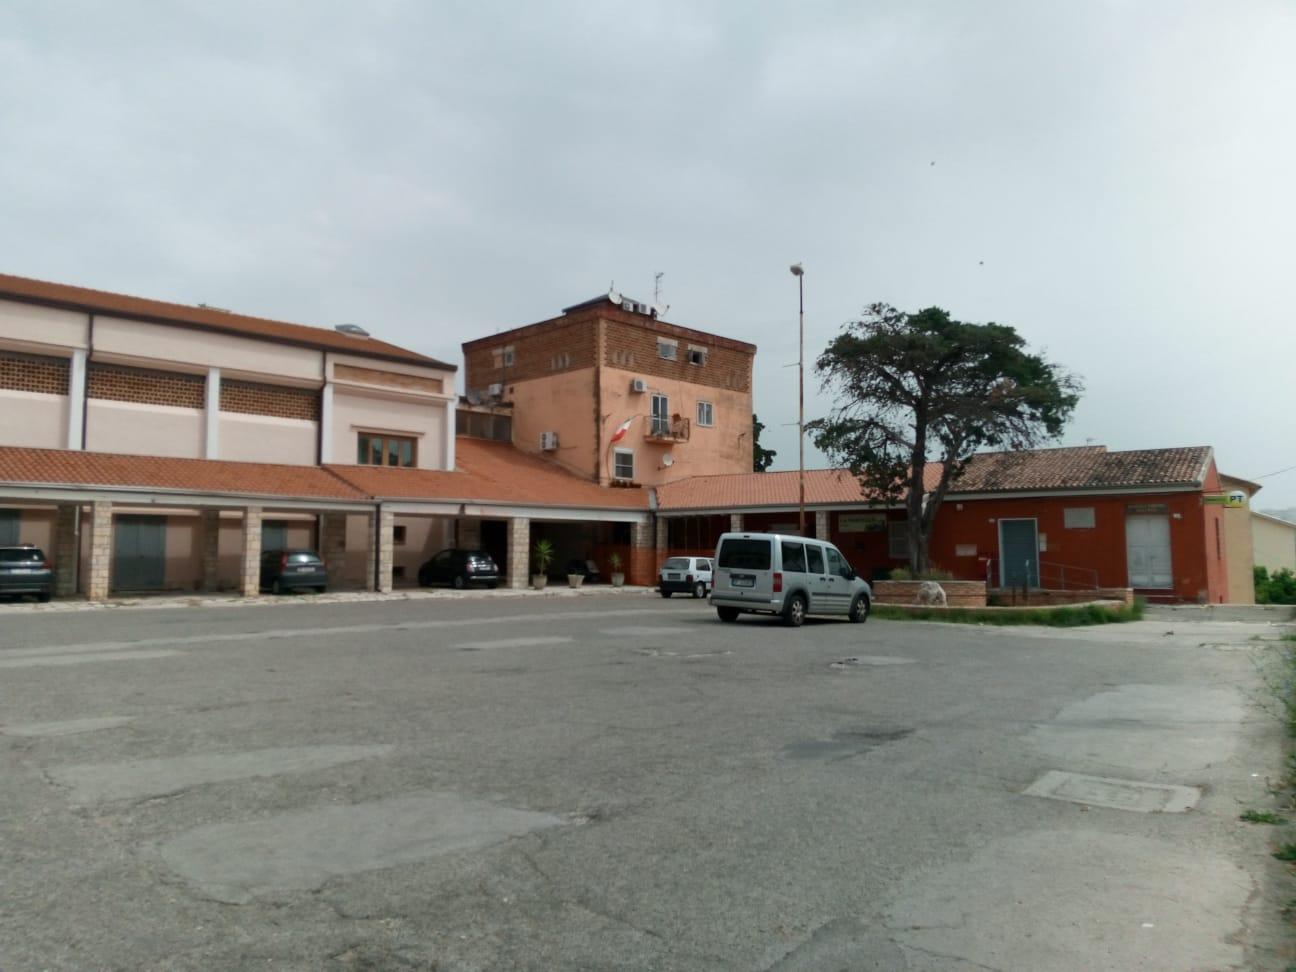 Piazza Montegrappa, a La Martella